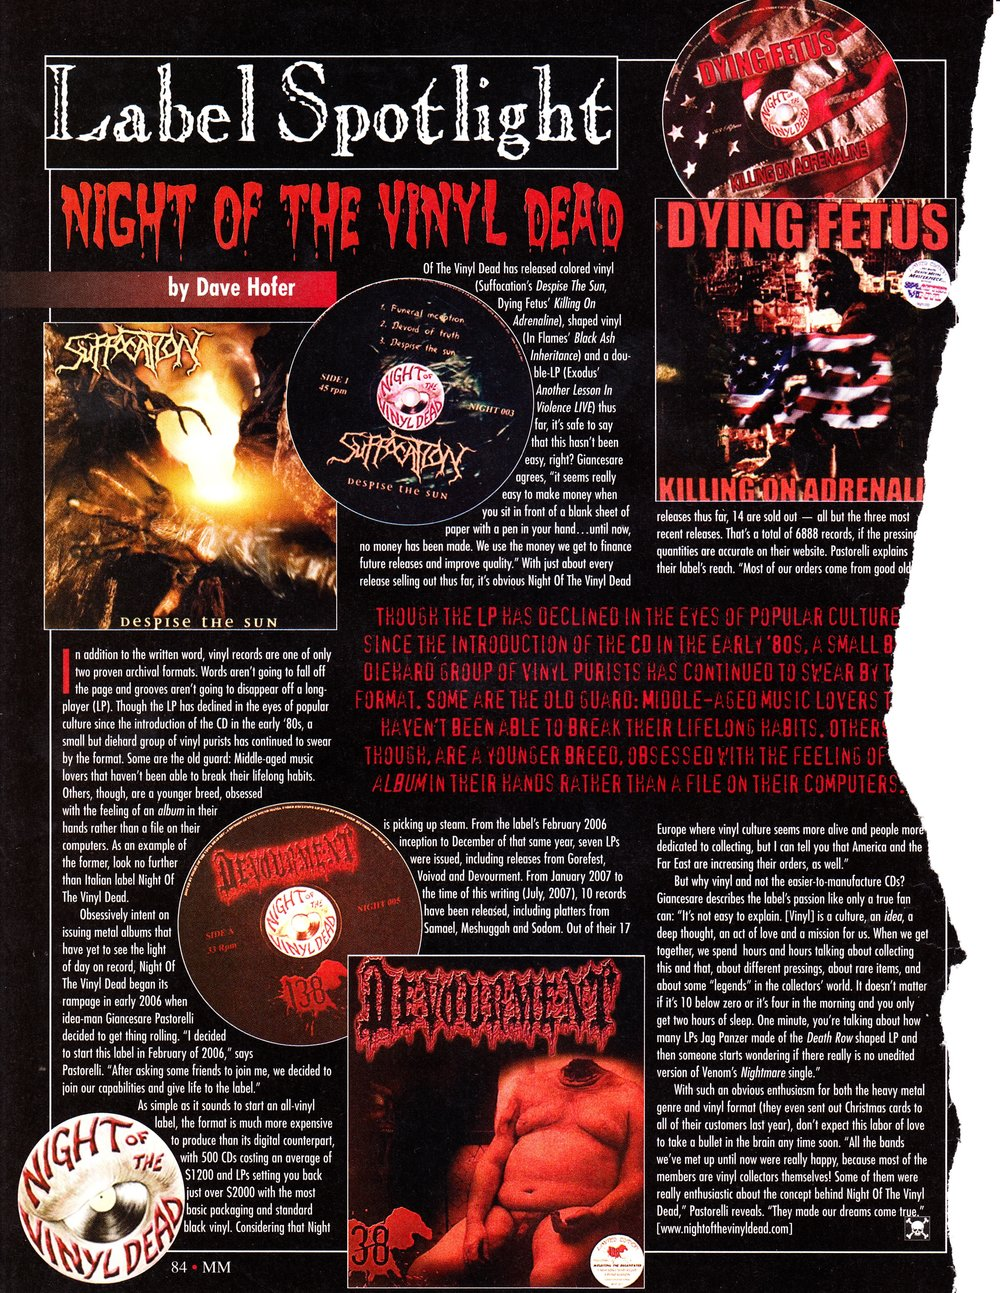 vinyl_dead.jpg